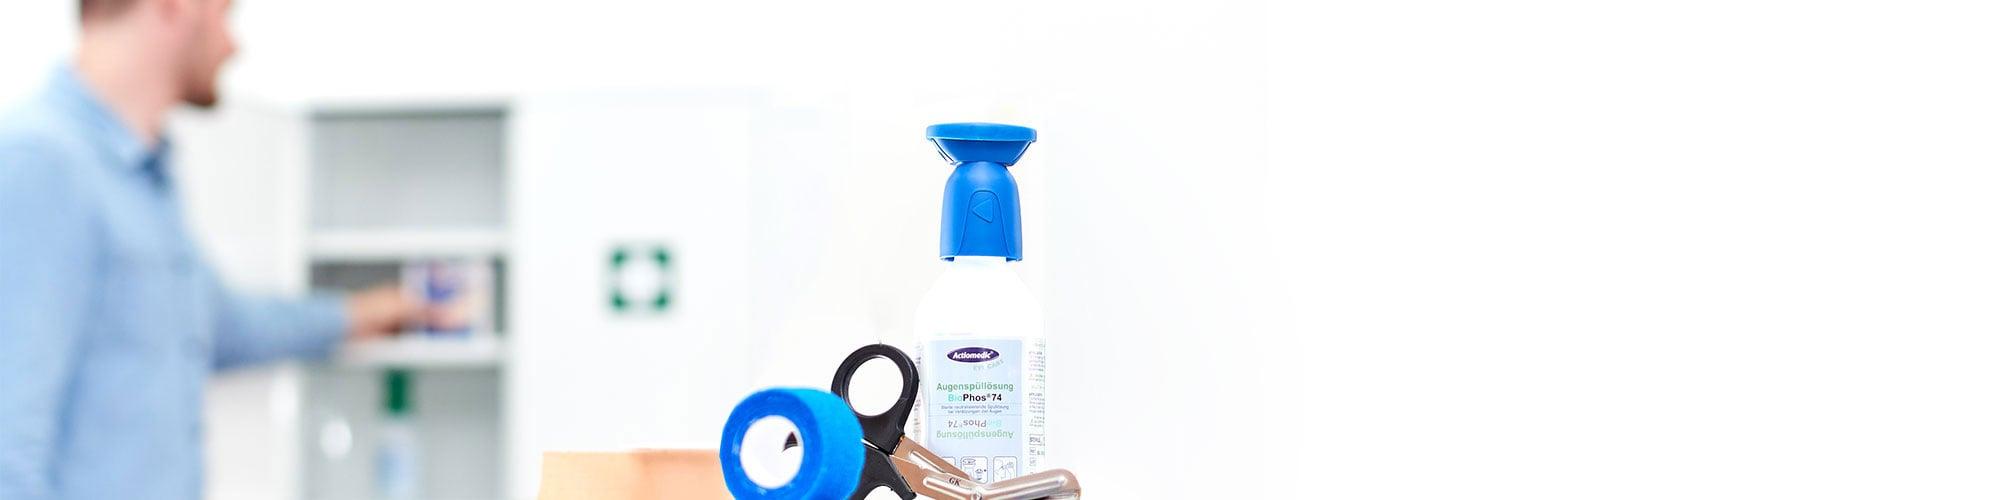 gramm-medical-erste-hilfe-medizinprodukte-unternehmen